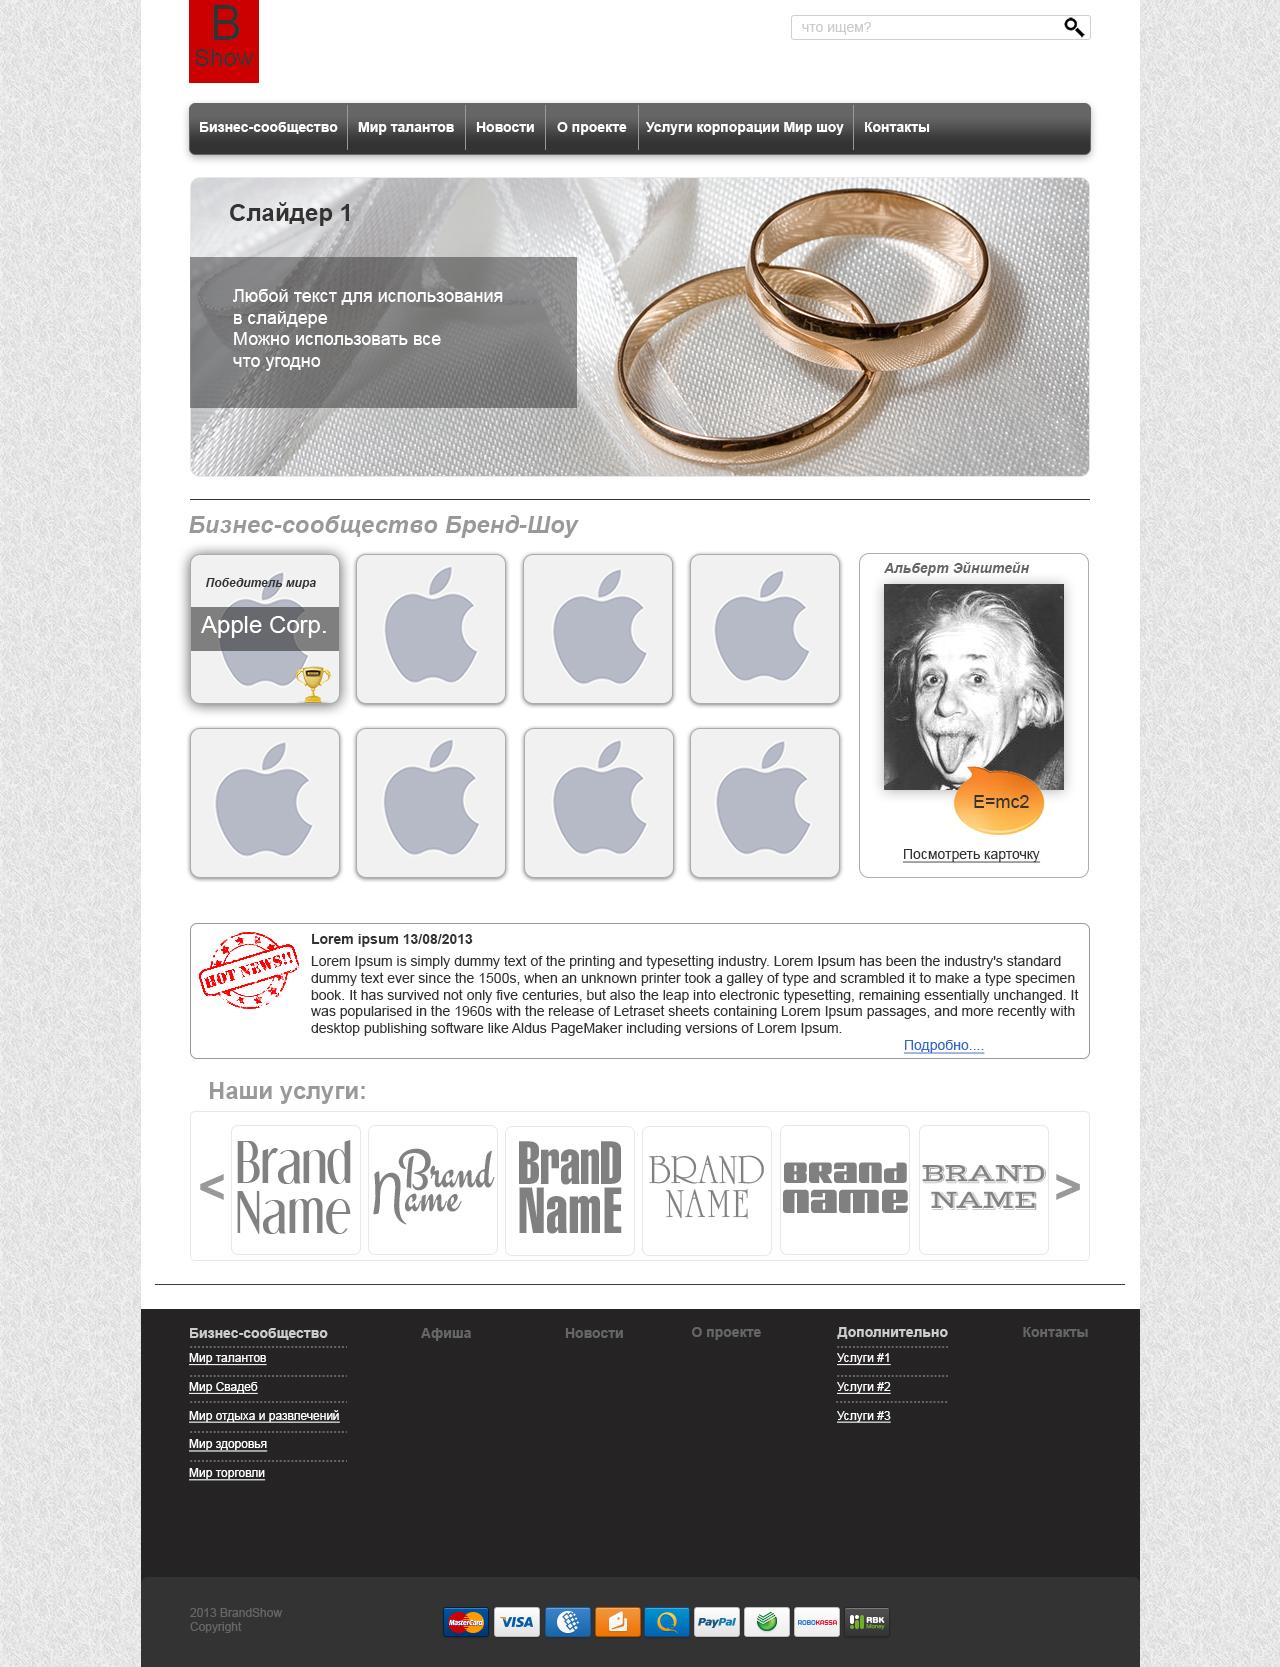 Дизайн для Корпоративного портала  фото f_755527e408e3039f.jpg